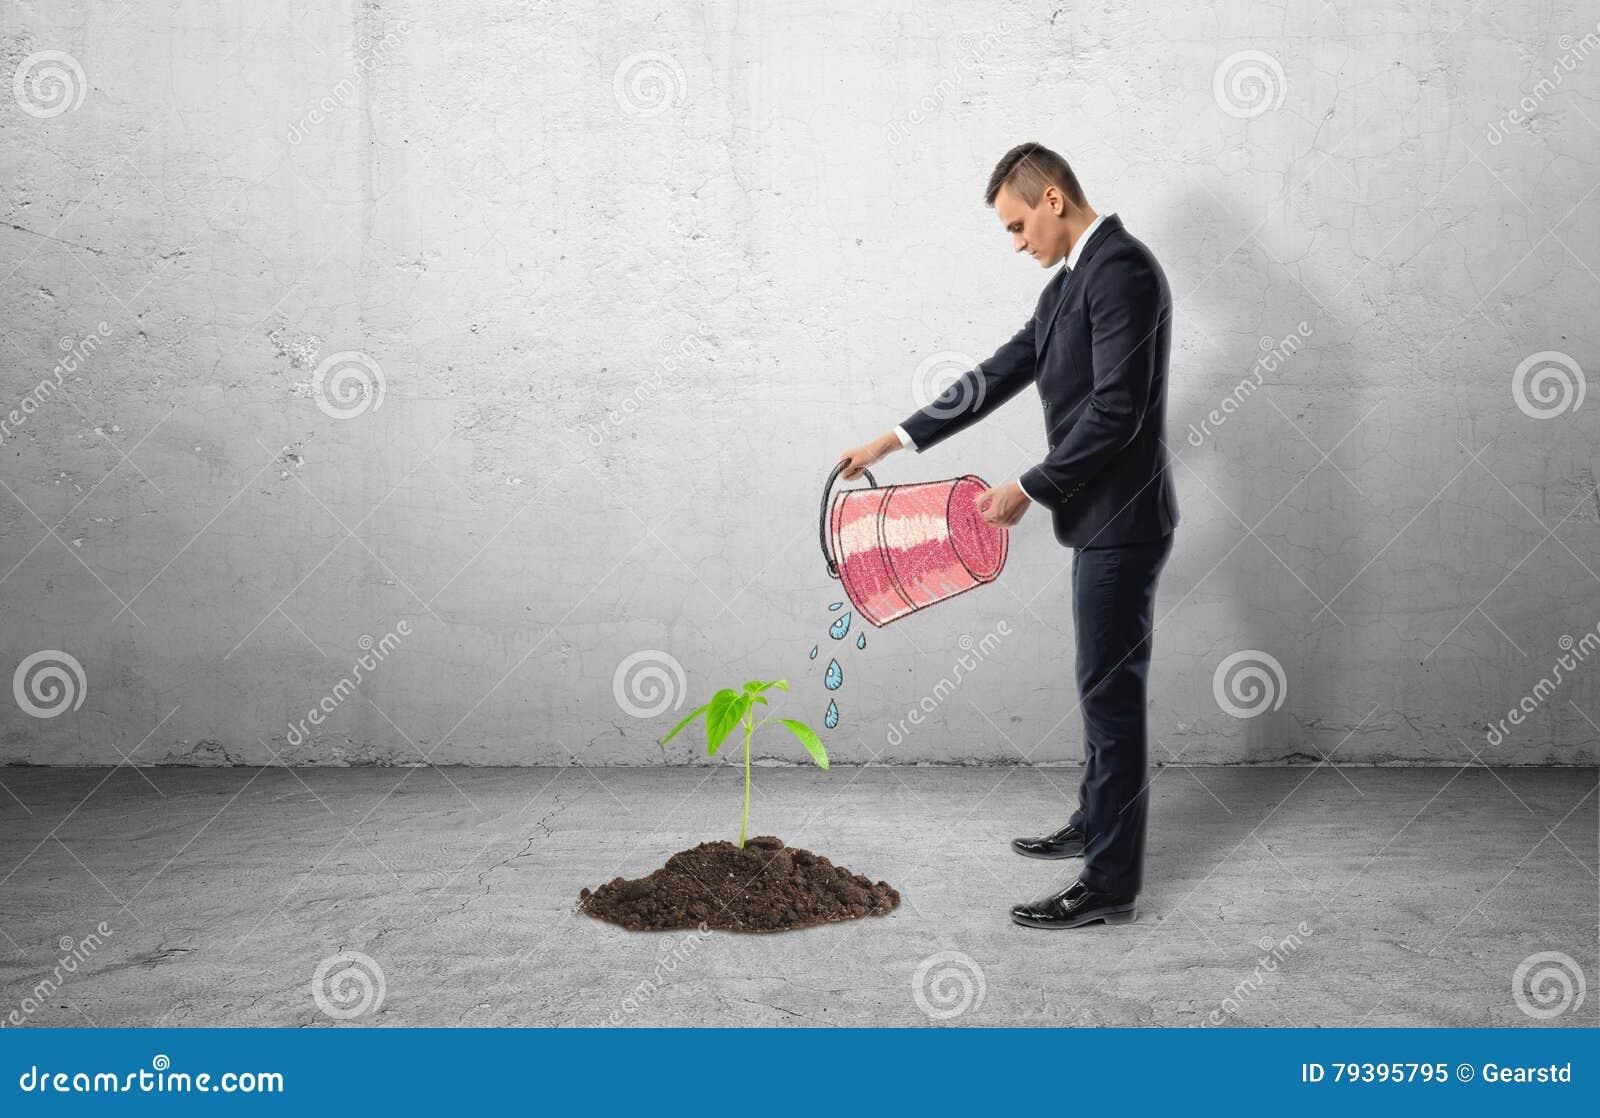 Planta som växer från cement, och affärsman som använder hinken för att bevattna den